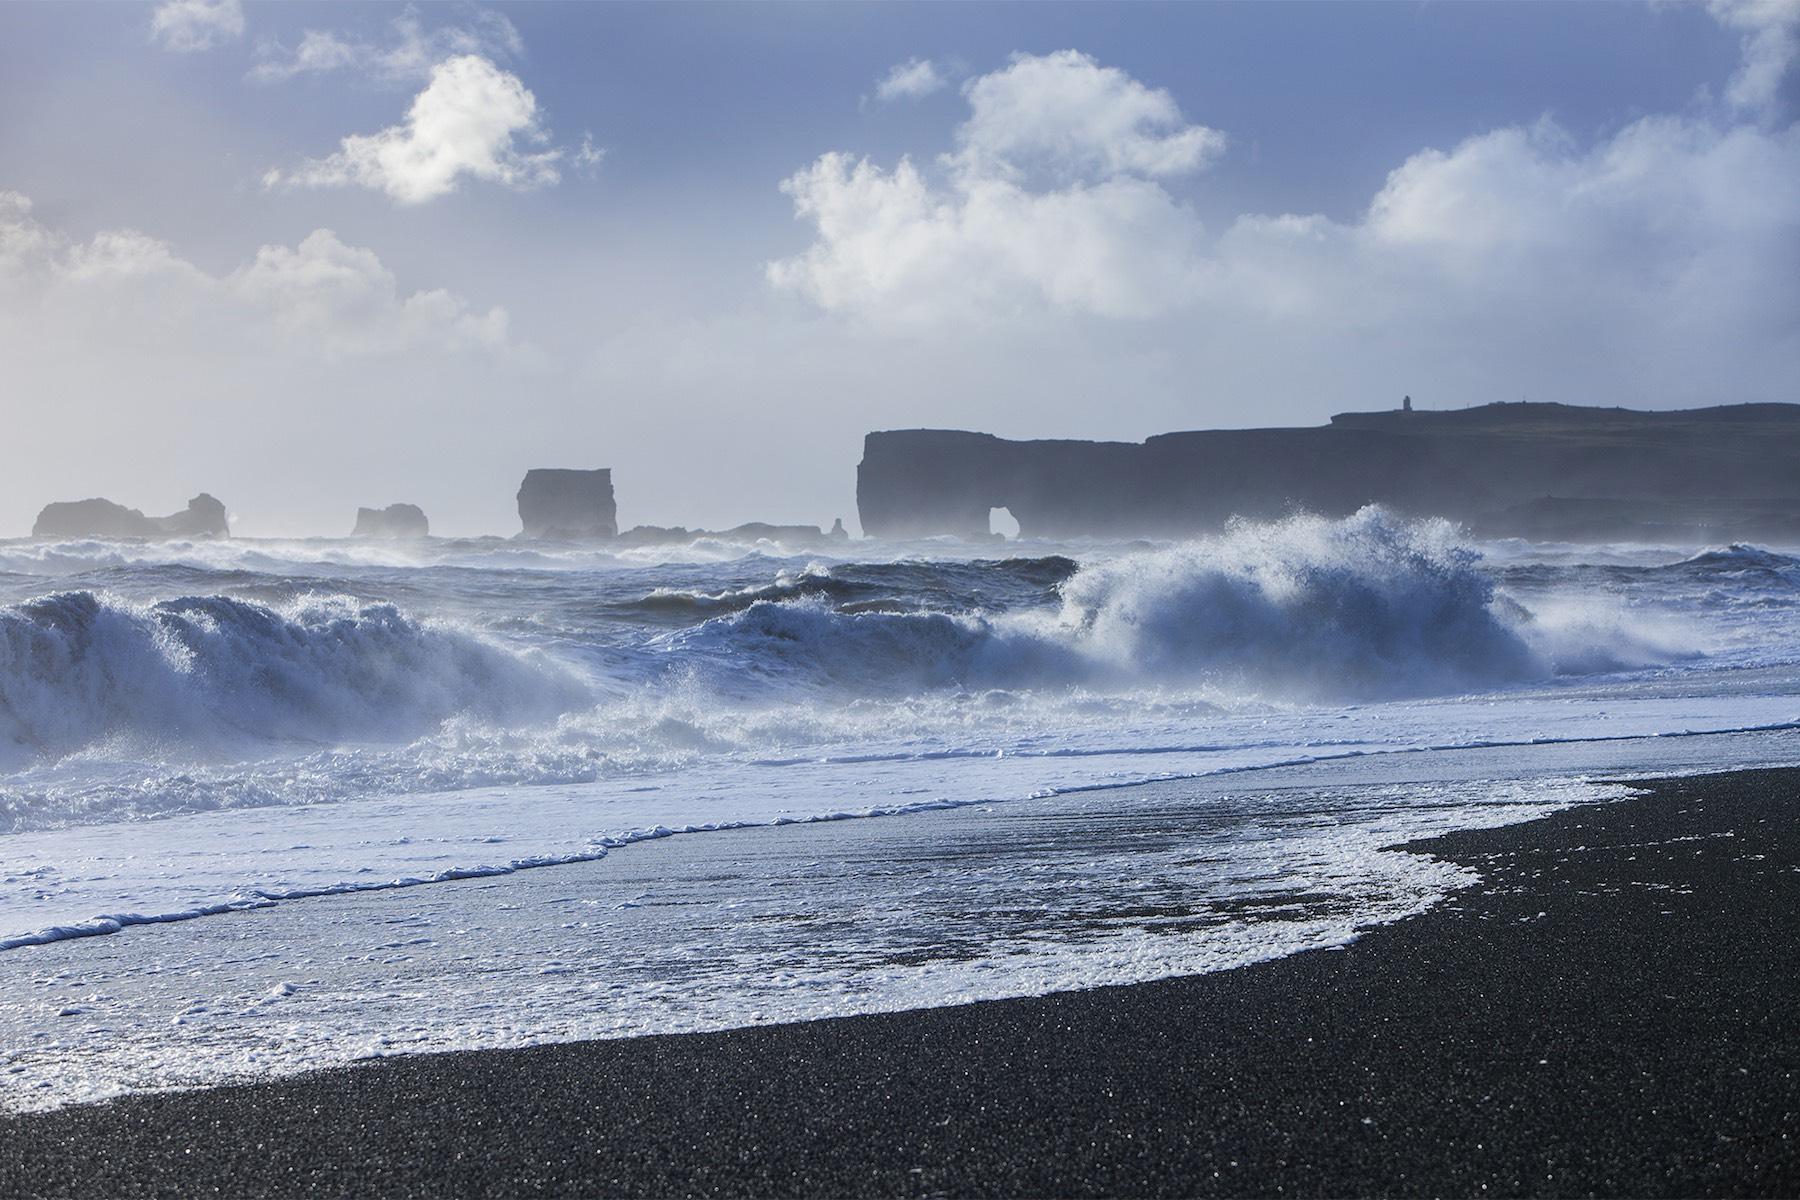 Reynisfjaran musta hiekkaranta on yksi suosituimpia Etelä-Islannin nähtävyyksiä. Kuva: Björgvin Hilmarsson